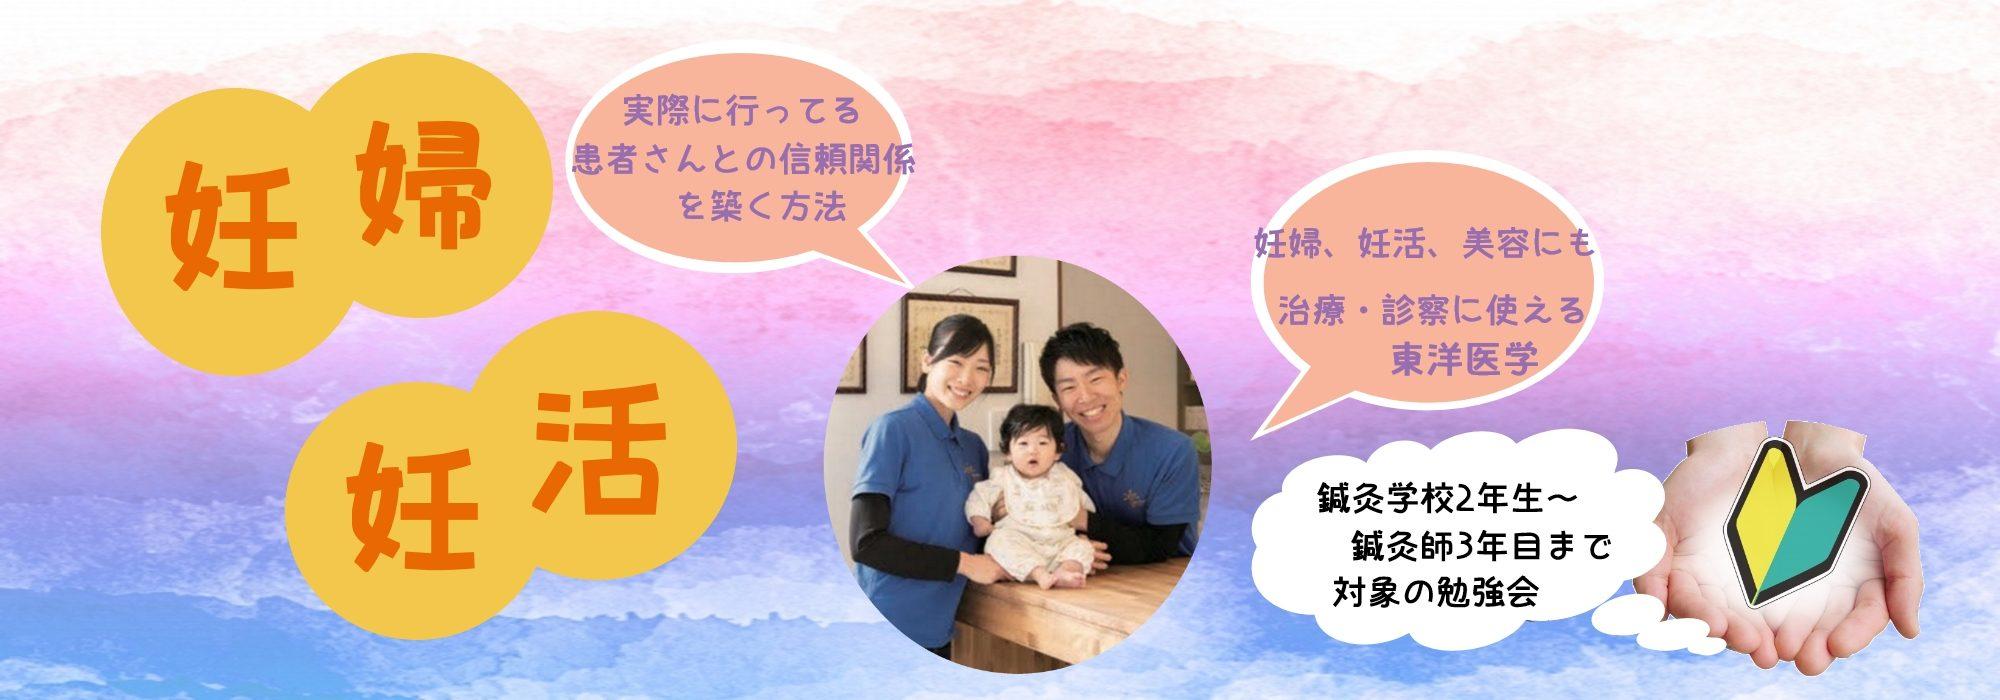 金沢で禅タロットカウンセリングもする鍼灸師ひろたか | マインドセット×禅タロット | セラピスト アーティスト